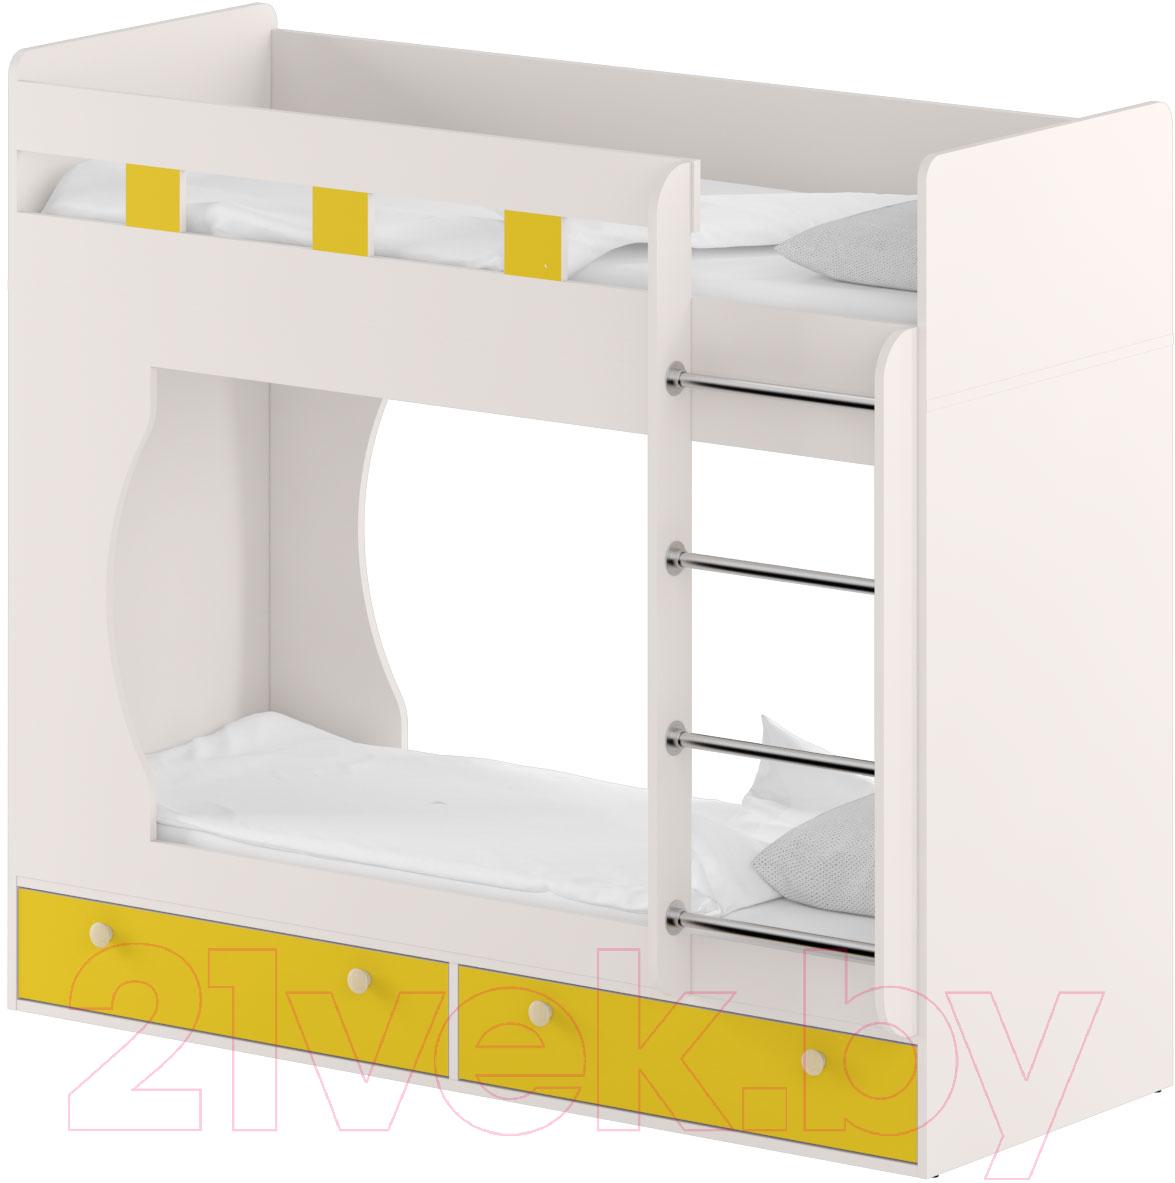 Купить Двухъярусная кровать Славянская столица, Д-КрД (белый/желтый), Беларусь